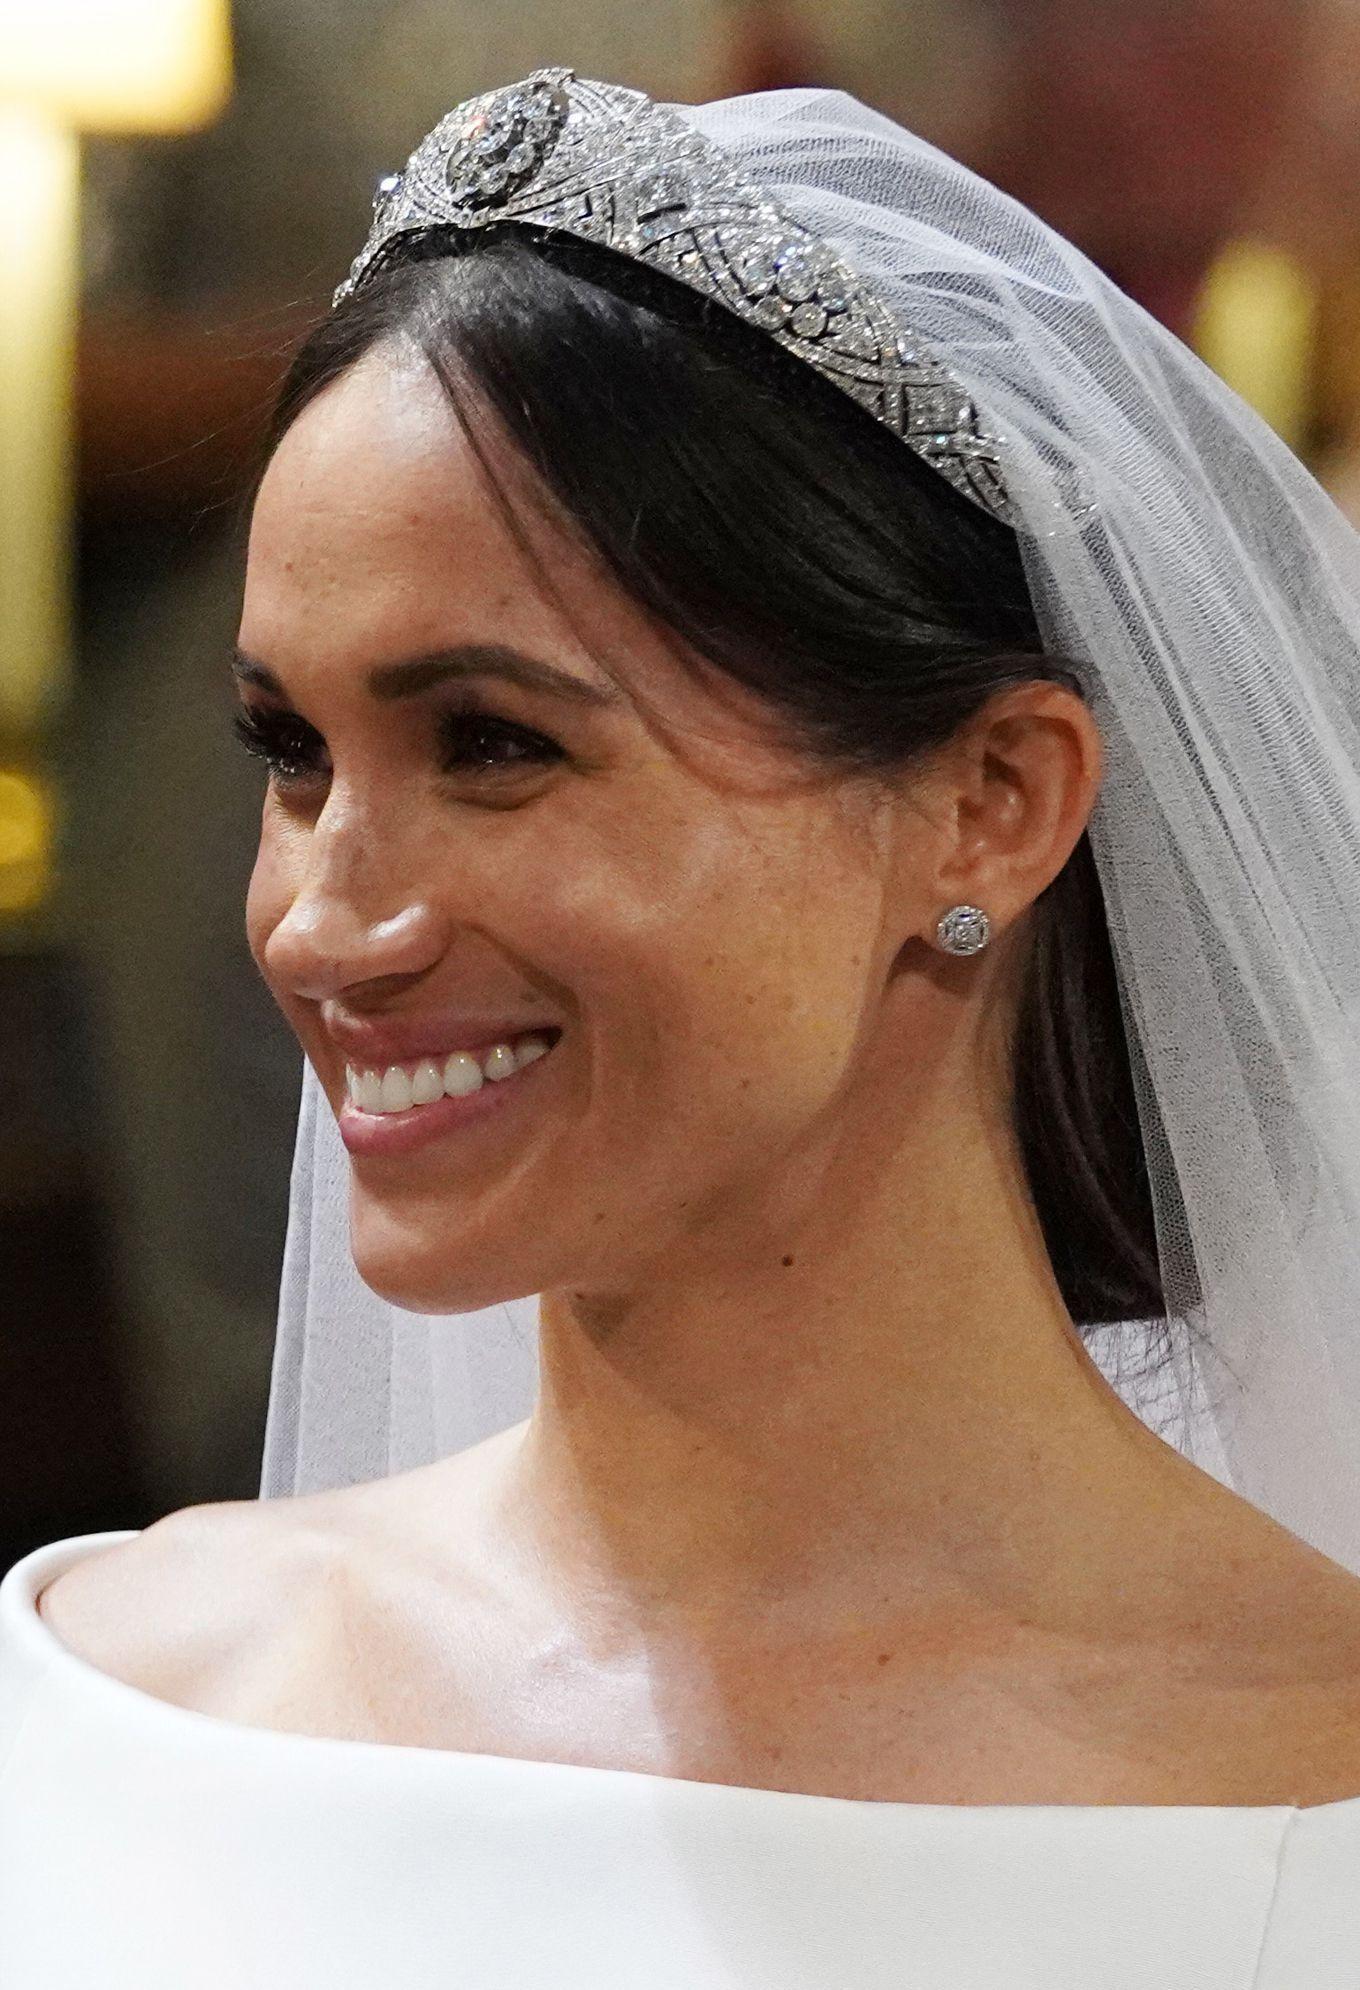 Con la tiara di diamanti Meghan Markle lancia un messaggio in codice alla  Royal Family   Pettinature per matrimoni, Meghan markle, Tiara